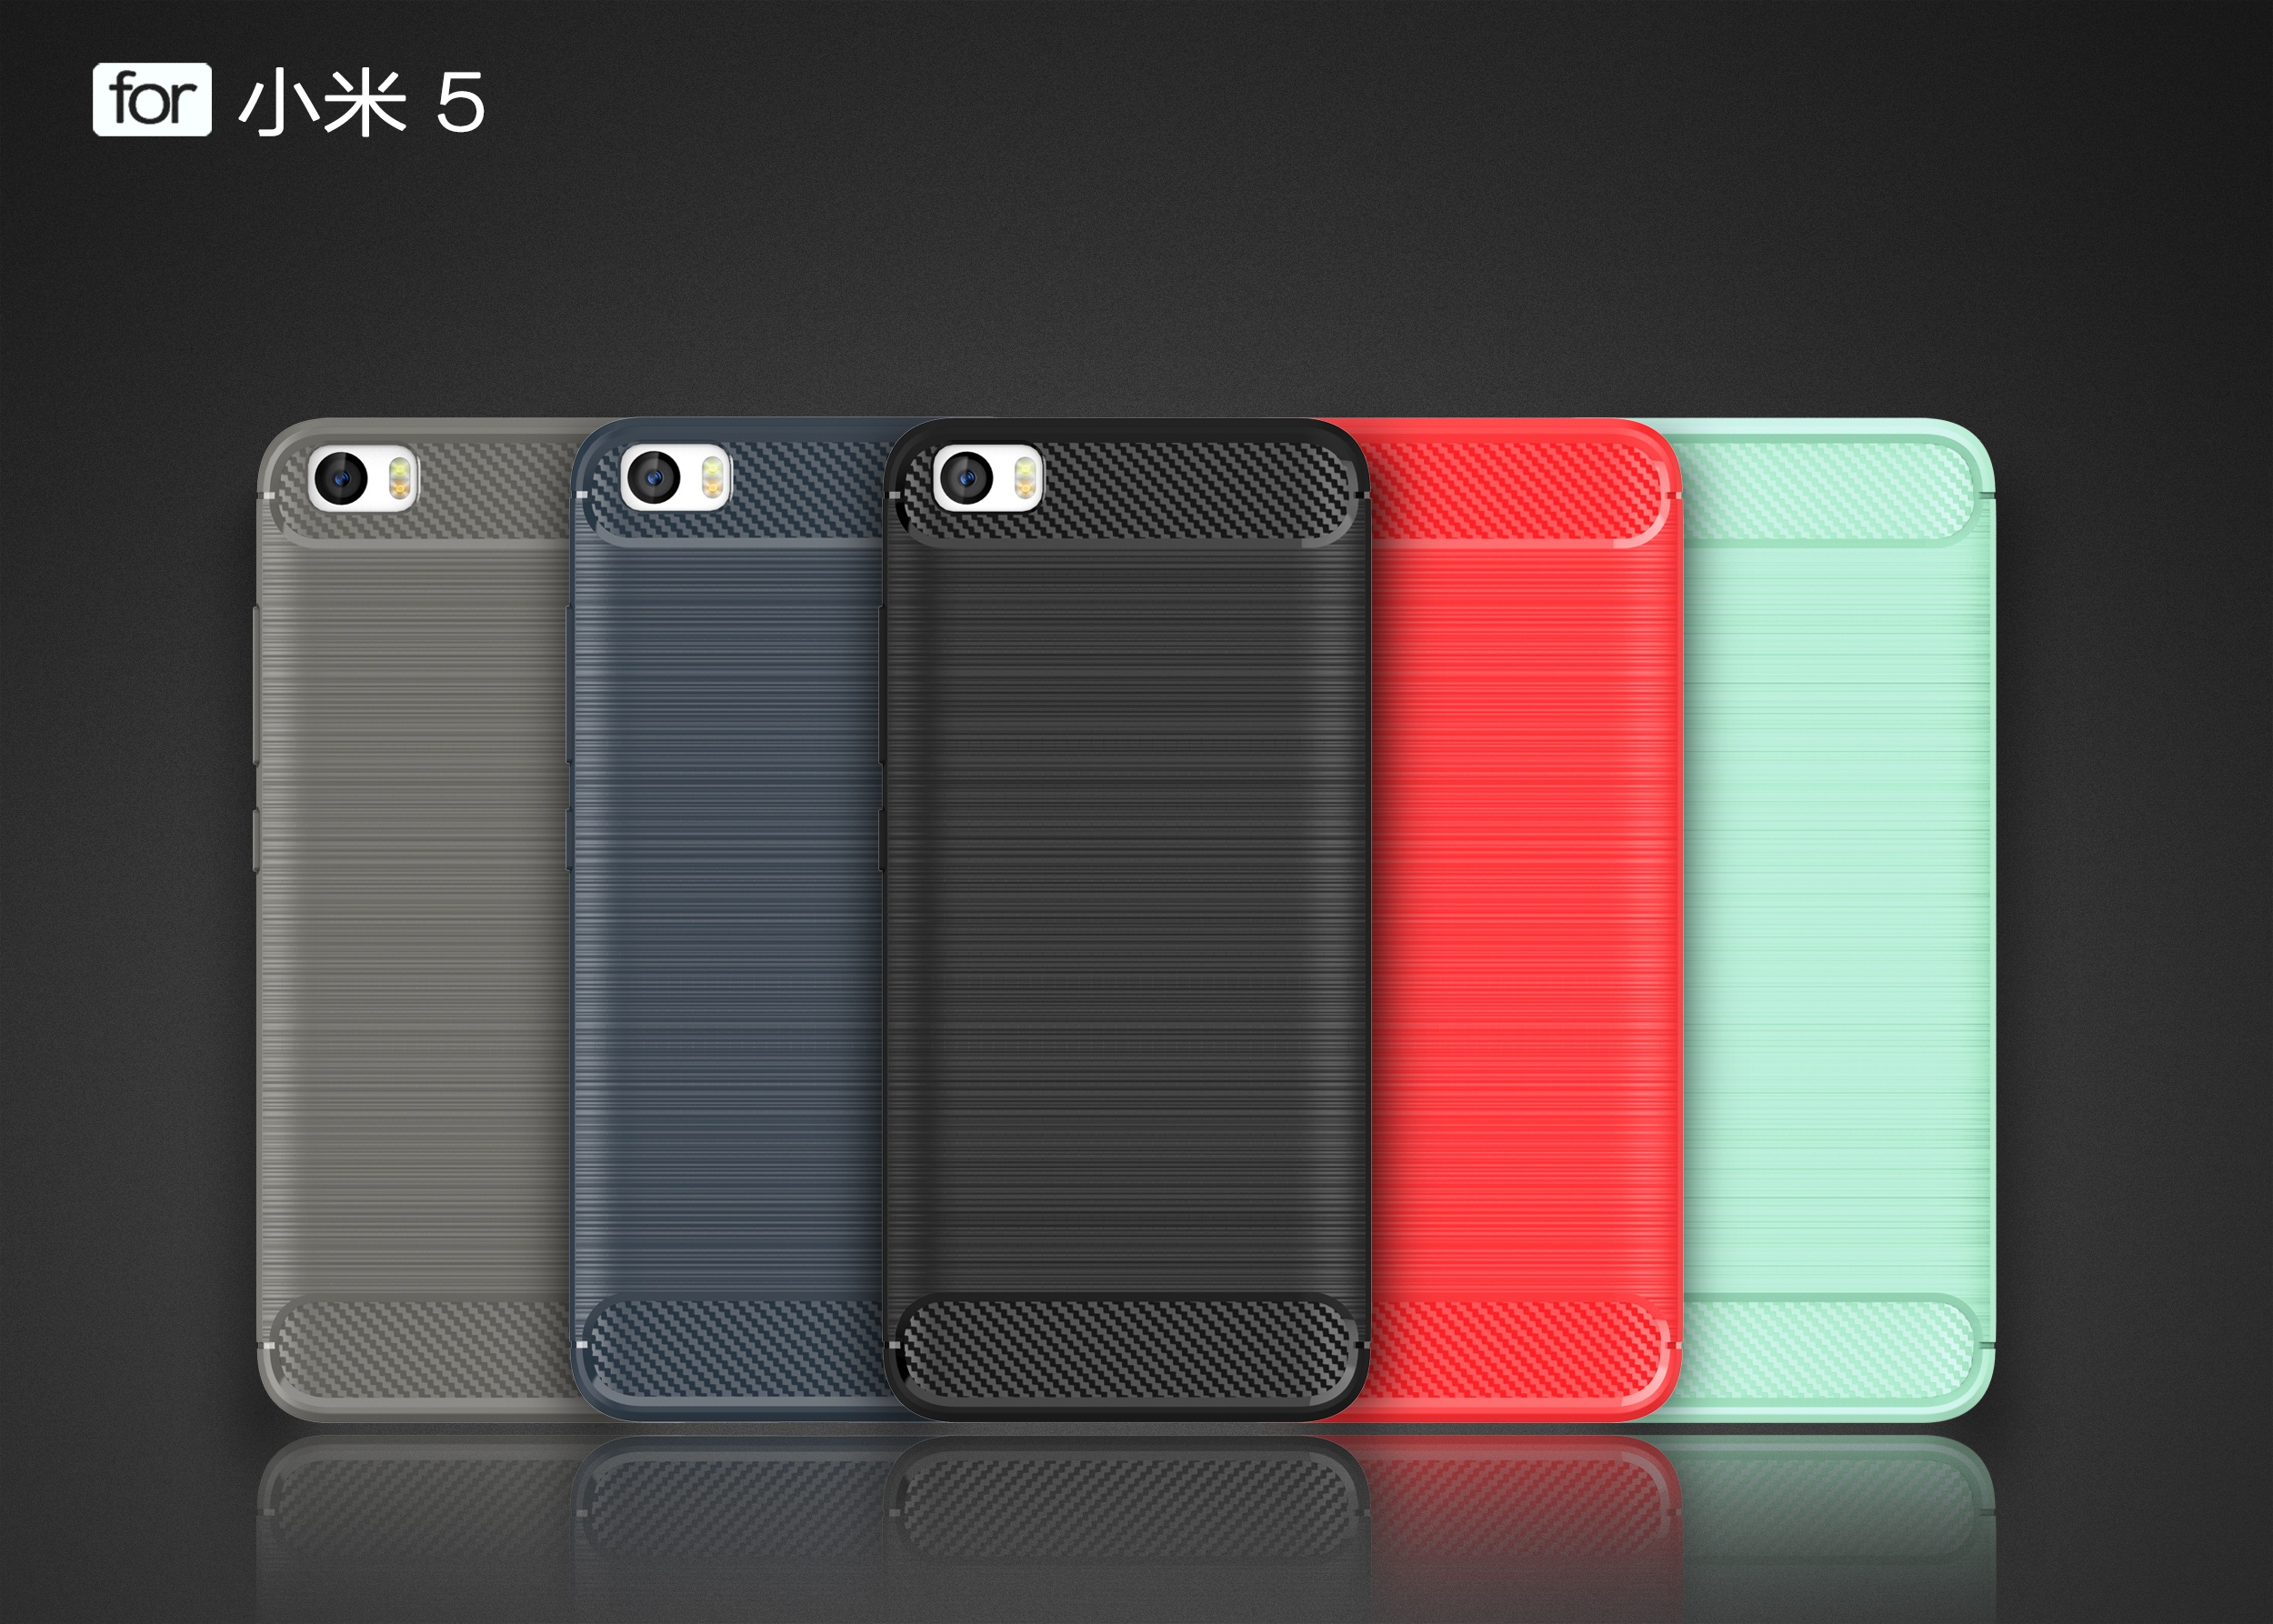 Hot Padat Hitam Merah Abu Mint Navy Shockproof Kasus Untuk Cair Pembersih Opc Drum Xiaomi 5 S Ditambah Armor Xiomi Shock Penurunan Perlindungan Penuh Resistensi